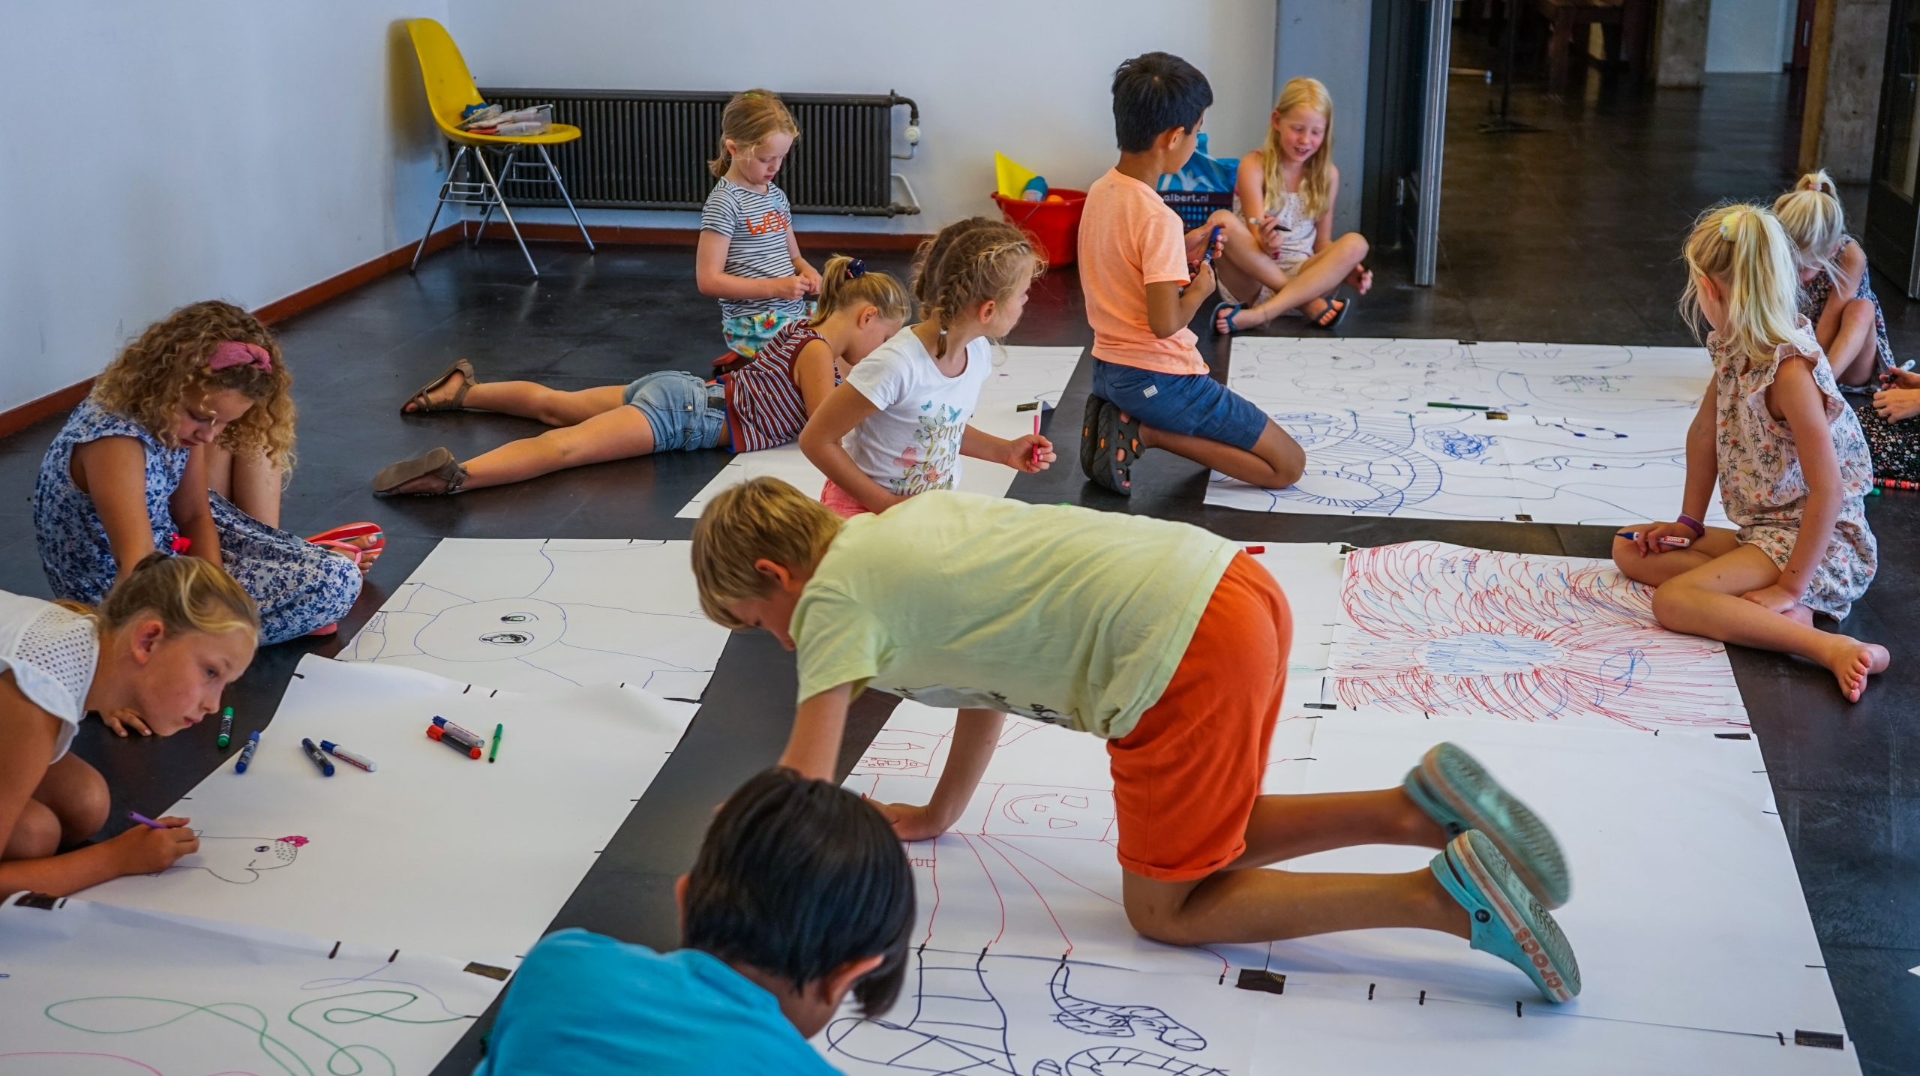 delindenberg zomerfestival - wiersema-82